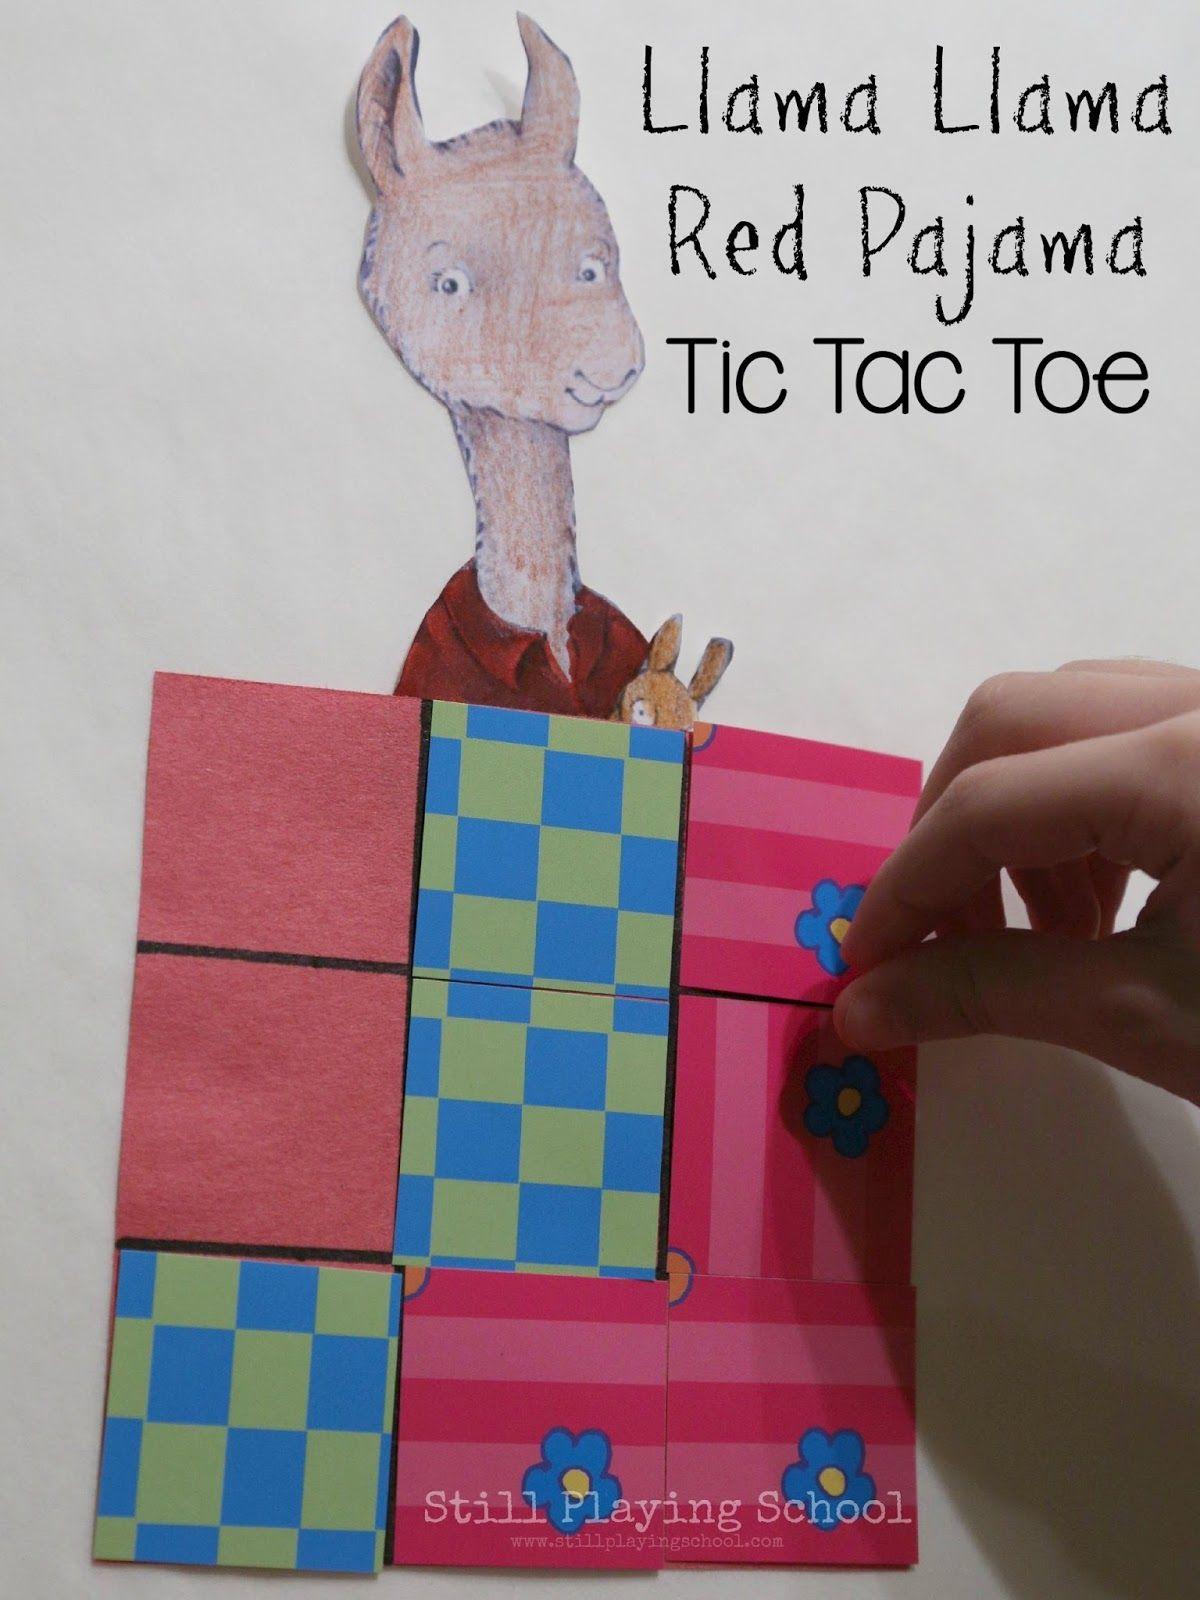 412e6ce093 Still Playing School  Llama Llama Red Pajama Busy Bag